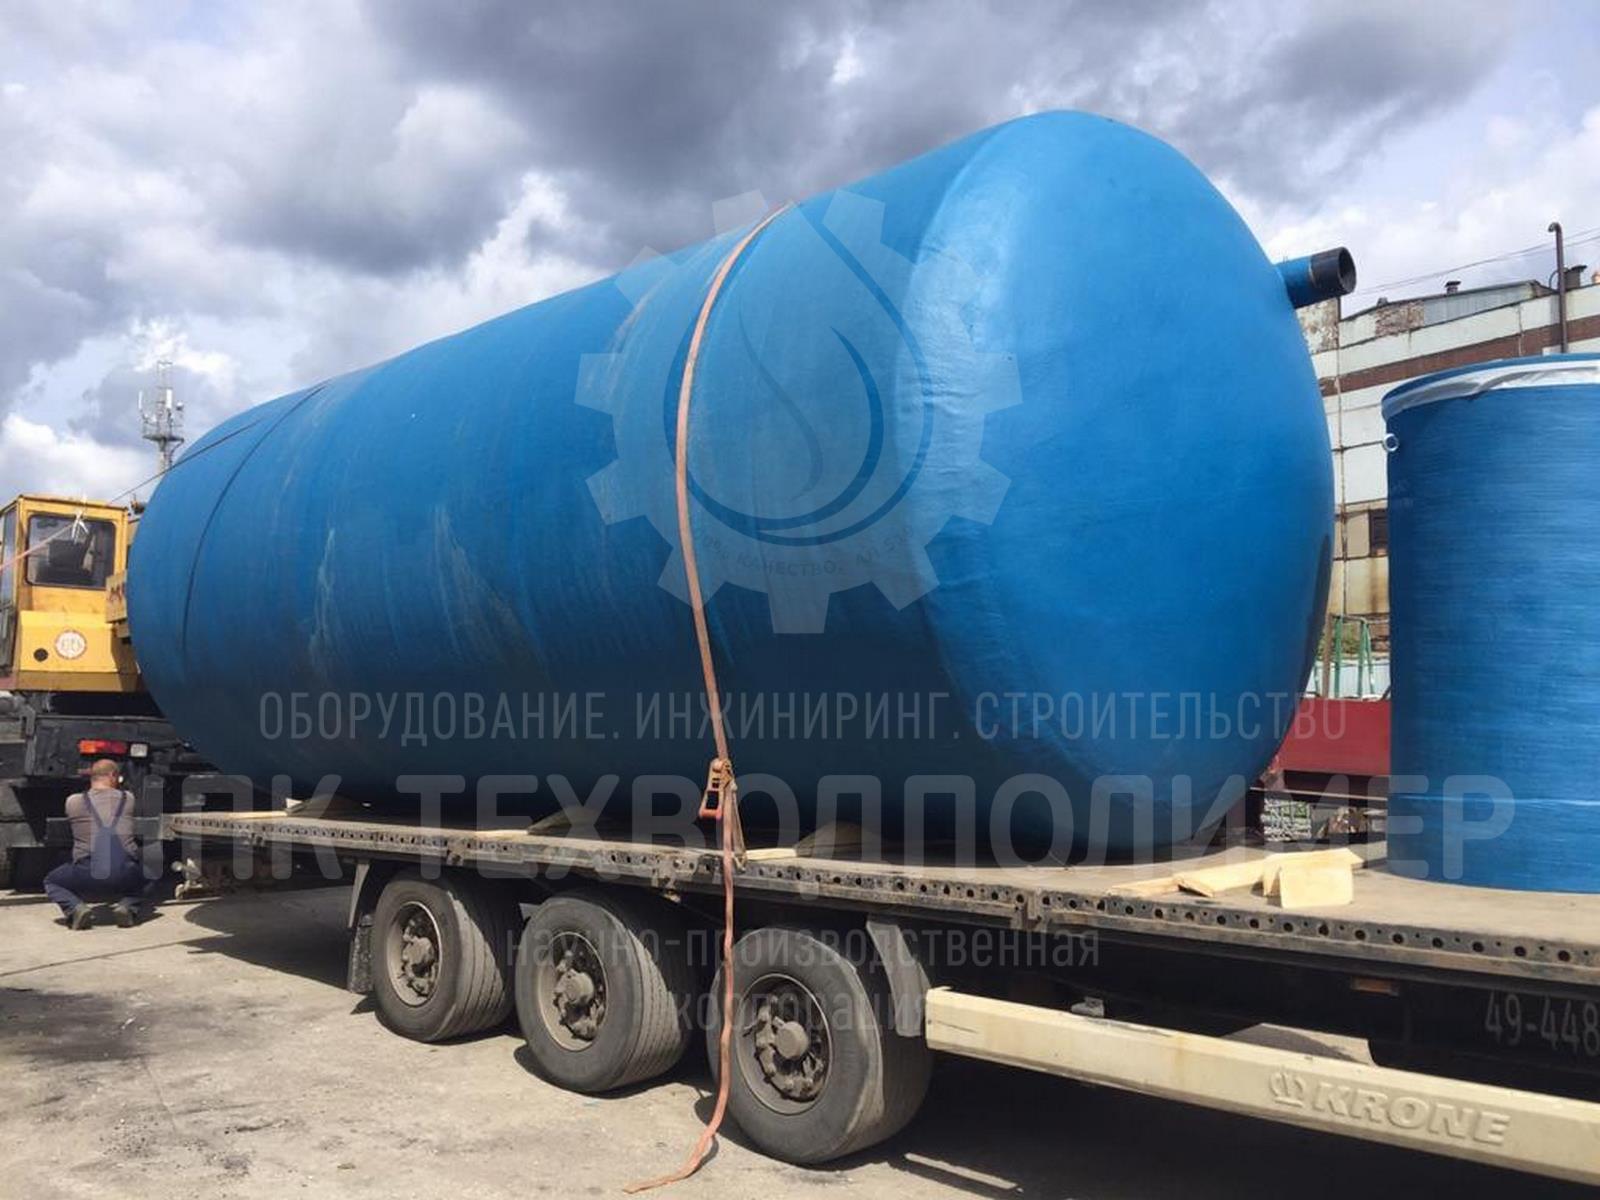 Отгрузка в Архангельскую область накопительной емкости LIMAN объемом 50 м3 и песко-нефтеуловителя URAL производительностью 1,5 л/с. Материал изготовления стеклопластик.